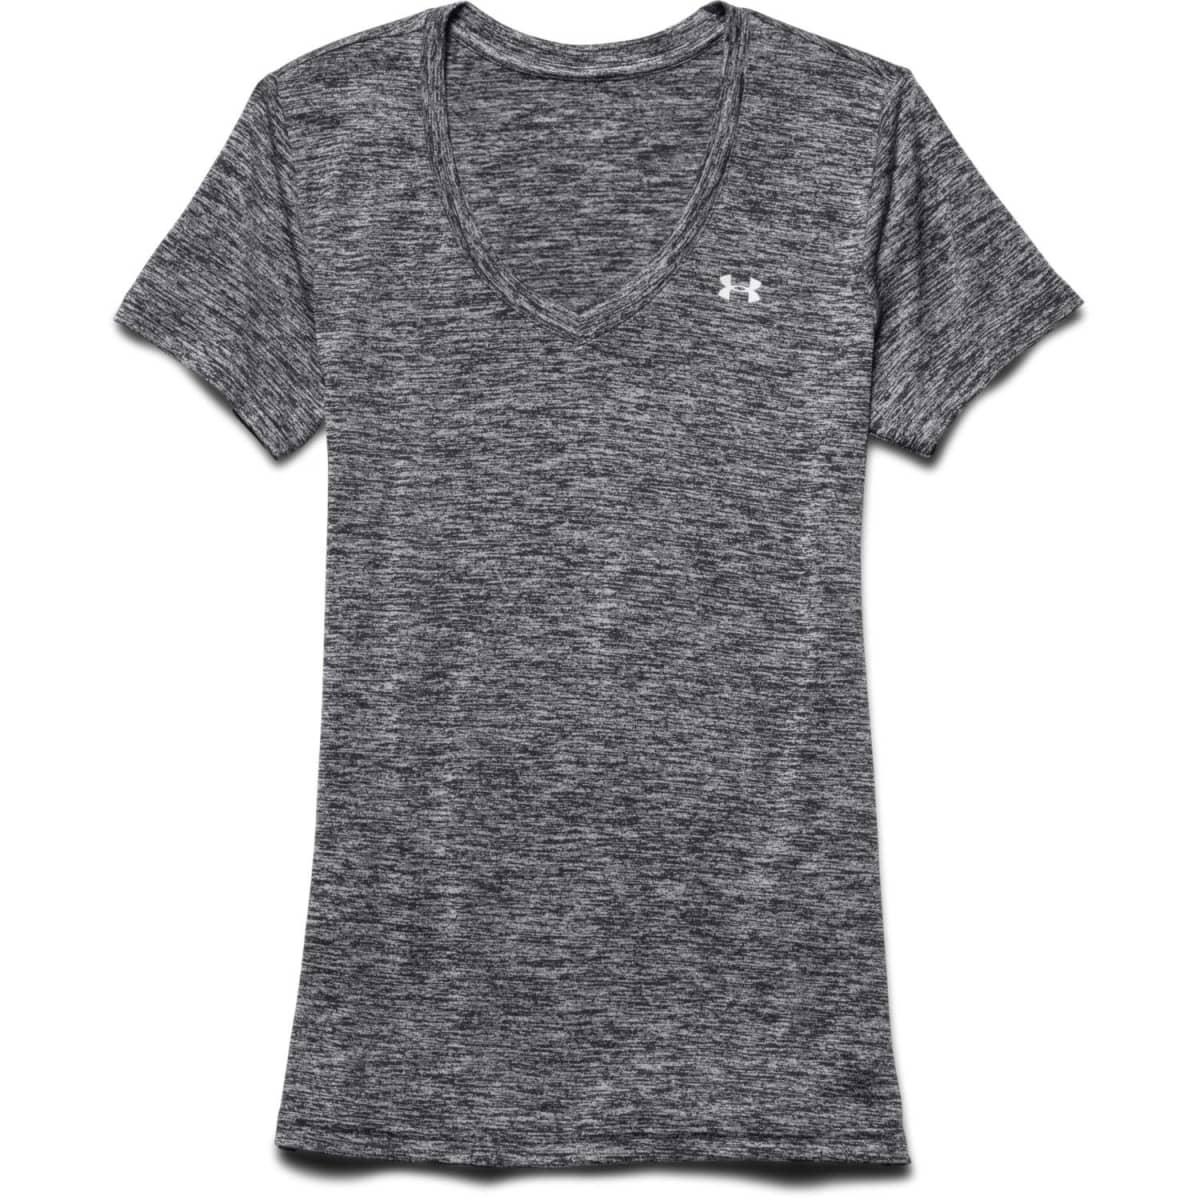 Lady BEUCHAT Weste // T-Shirt // Top 2,5 mm Neopren